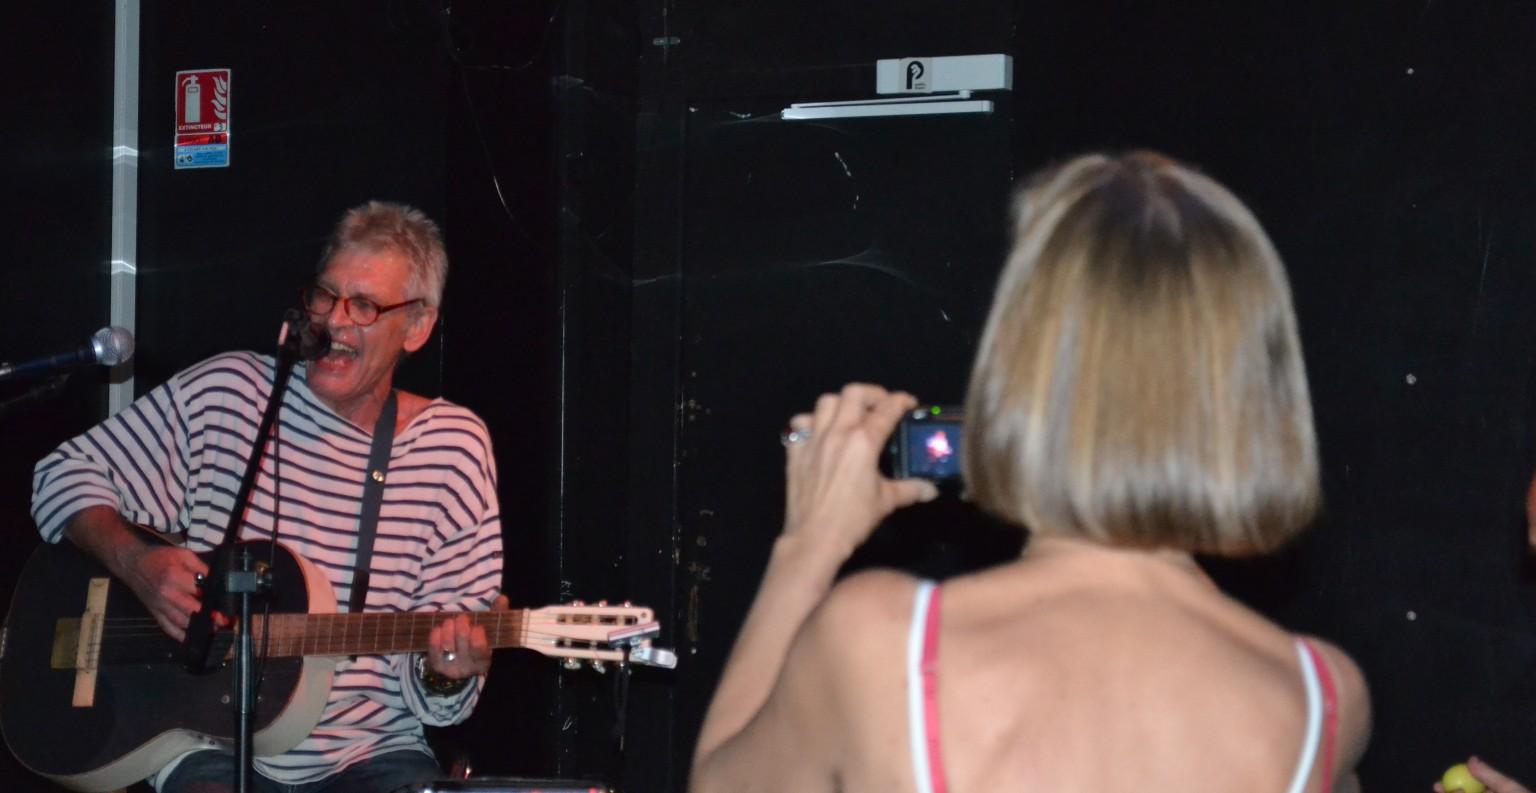 Monika et Alain lors d'une scène ouverte ©MD